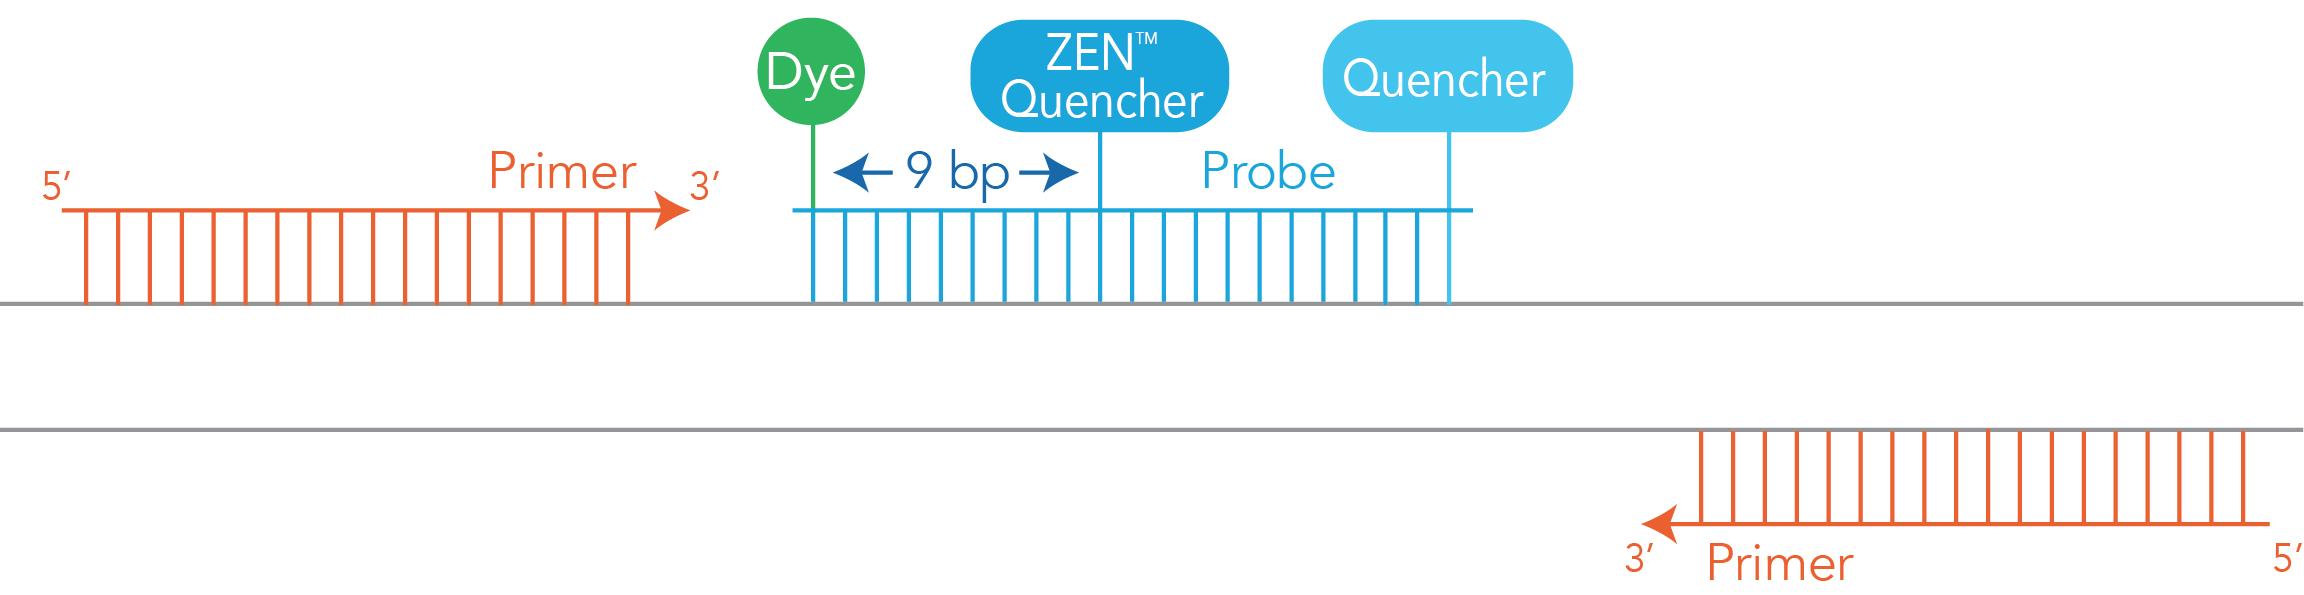 DOart57-PT-Dye Quencher-Fig3A_Zen